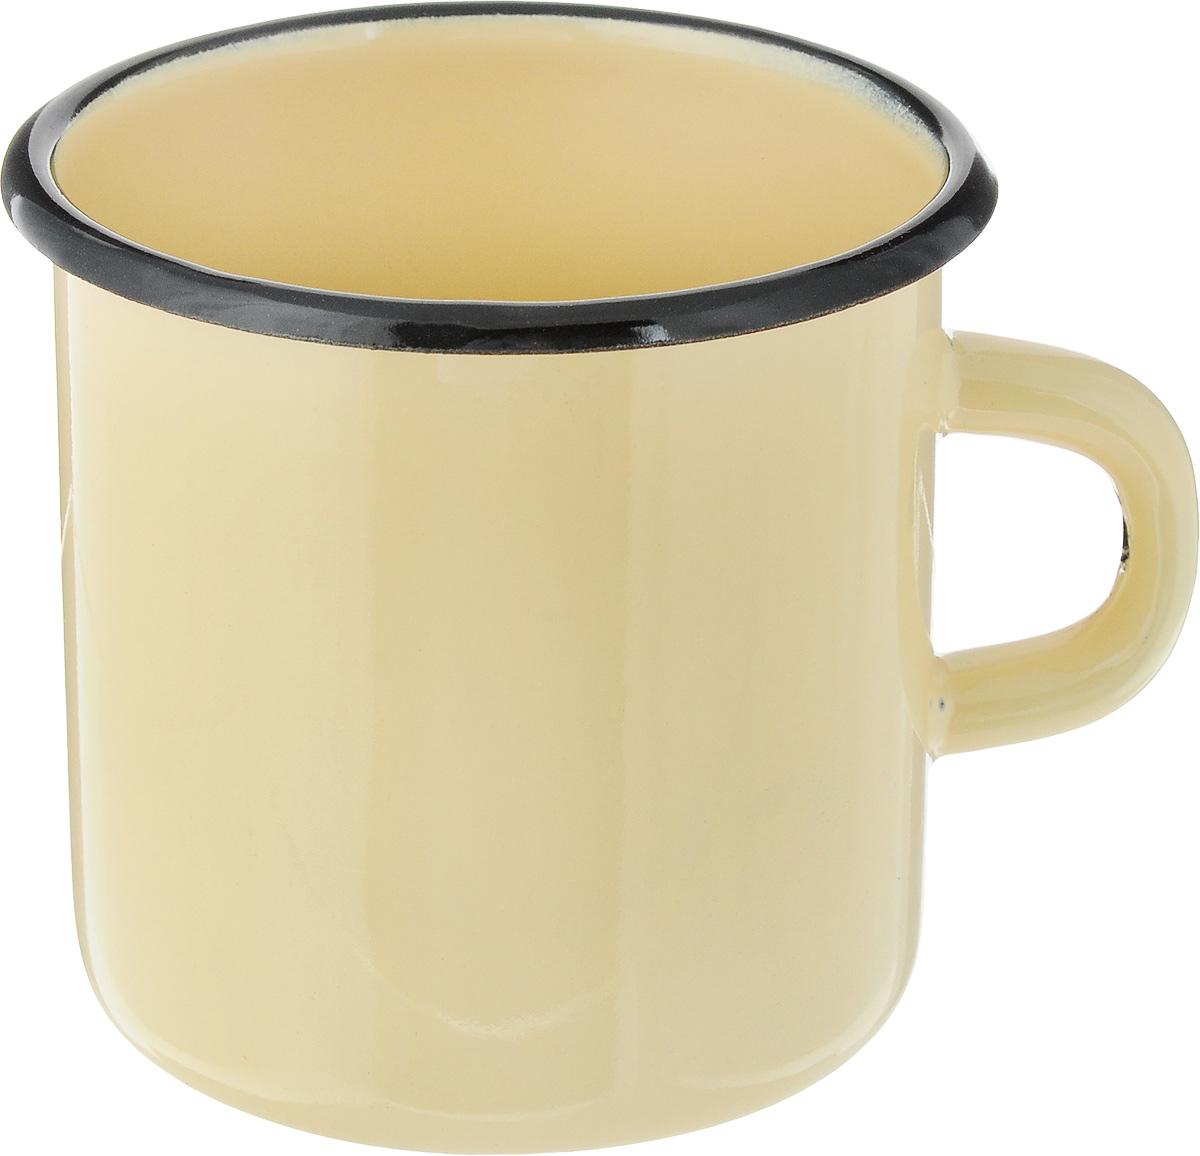 """Кружка """"СтальЭмаль"""" изготовлена из высококачественной стали с эмалированным покрытием. Она оснащена удобной ручкой. Такая кружка не требует особого ухода и ее легко мыть. Благодаря классическому дизайну и удобству в использовании кружка займет достойное место на вашей кухне.Диаметр кружки (по верхнему краю): 9 см.Высота кружки: 8,5 см."""